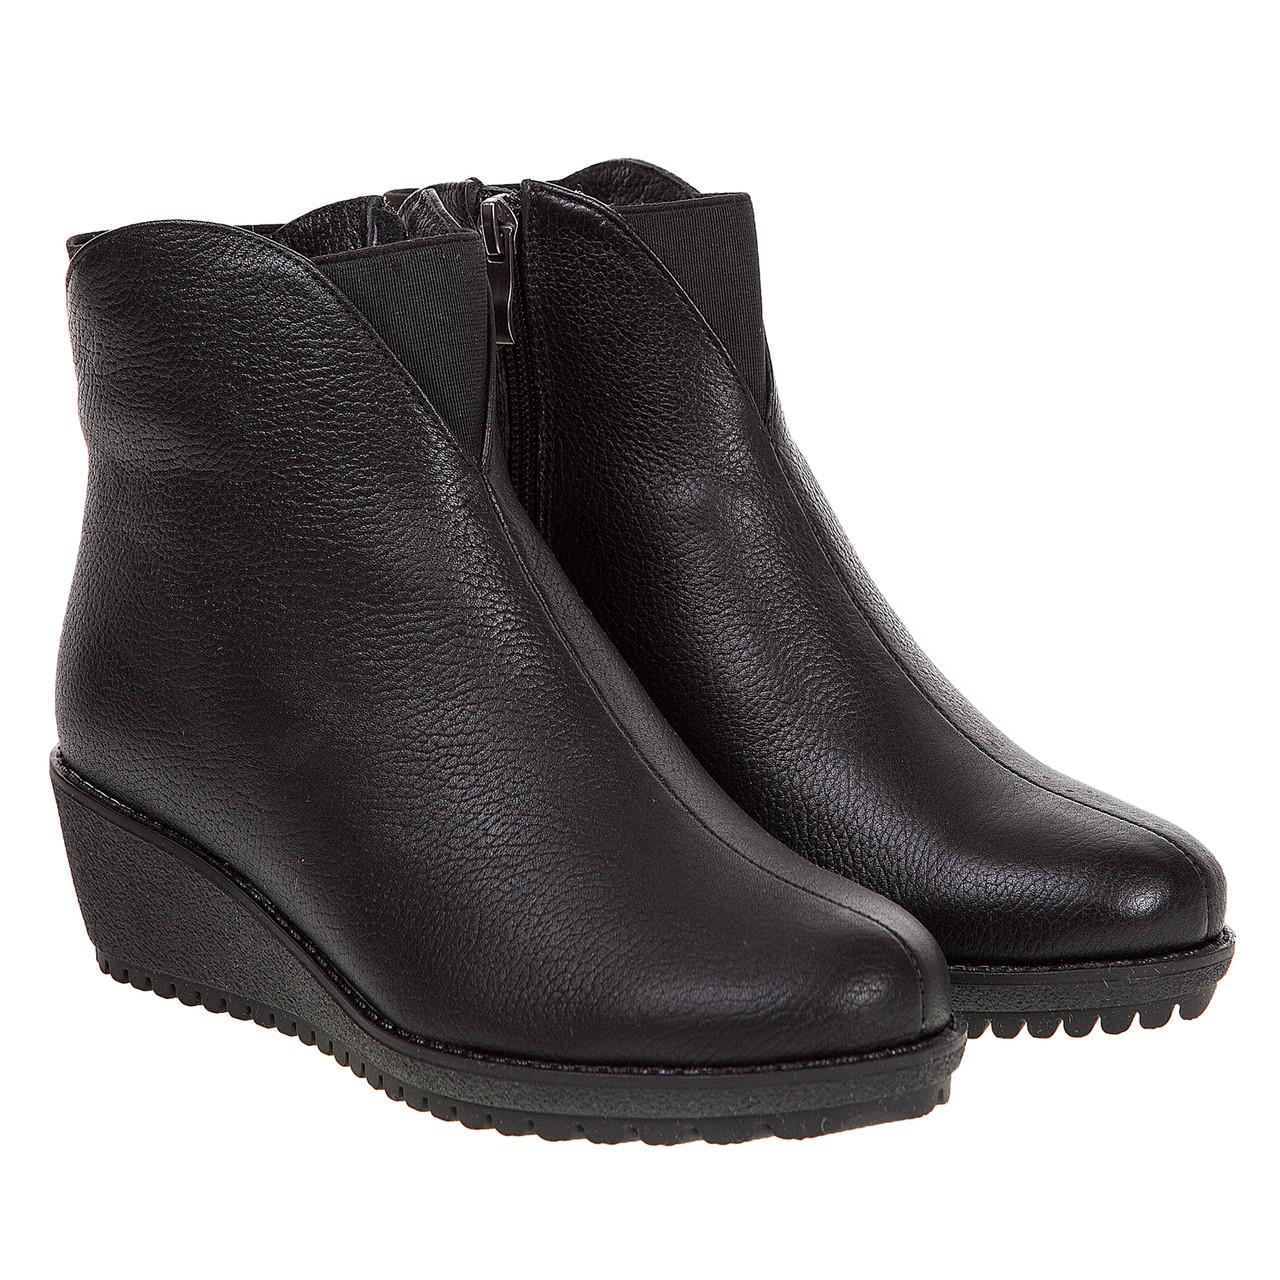 a2fefba82 Купить Ботинки женские Mariani (чёрные, кожаные на танкетке ...